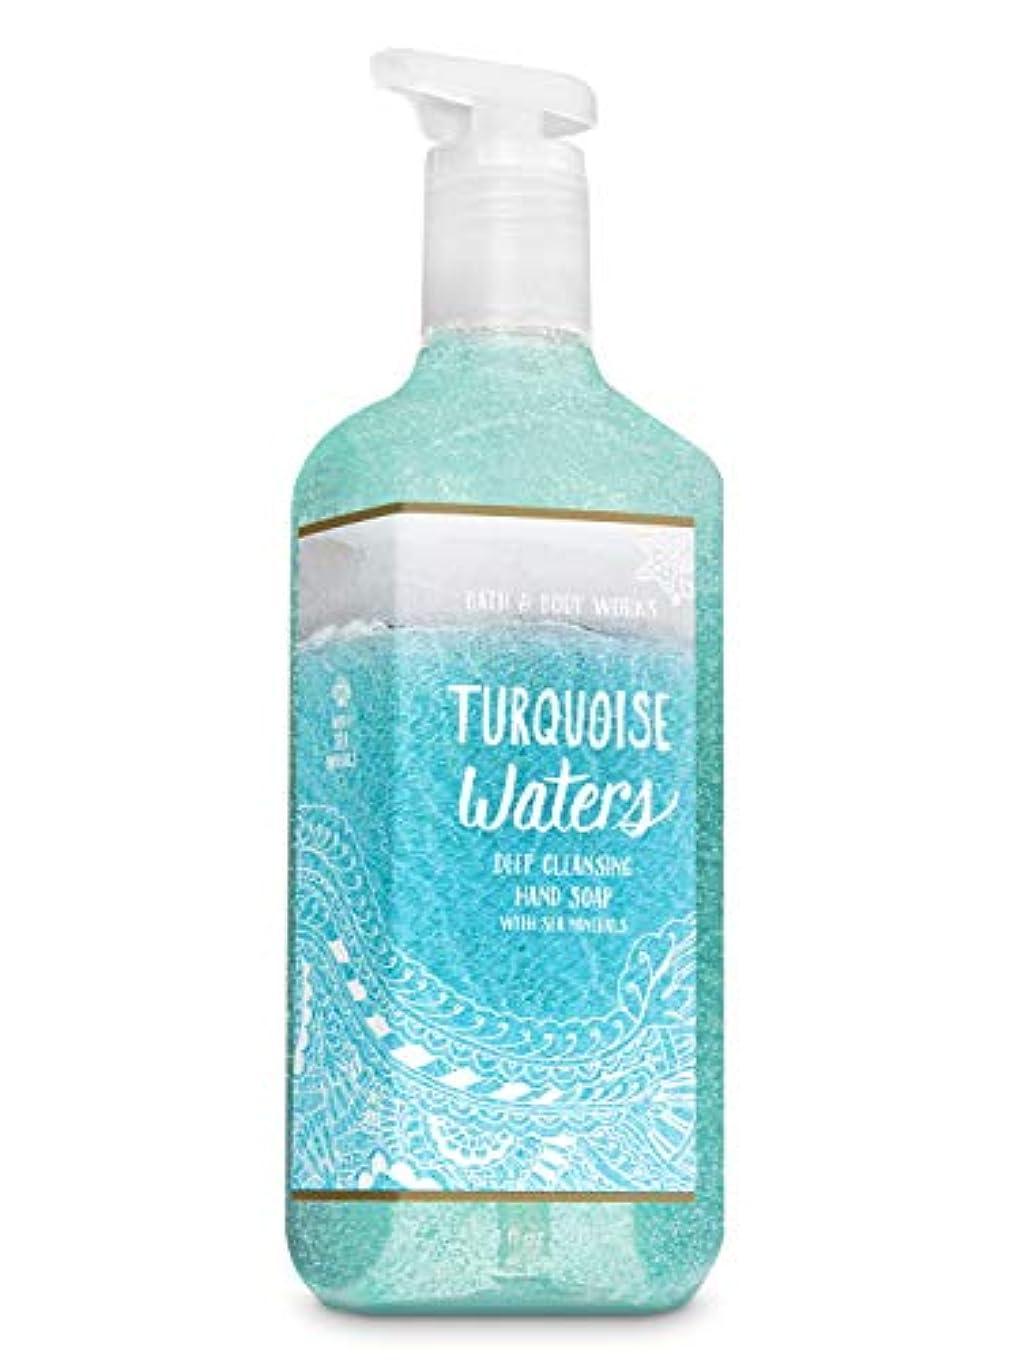 拡張達成可能危険を冒しますバス&ボディワークス ターコイズウォーター ディープクレンジングハンドソープ Turquoise Waters Deep Cleansing Hand Soap